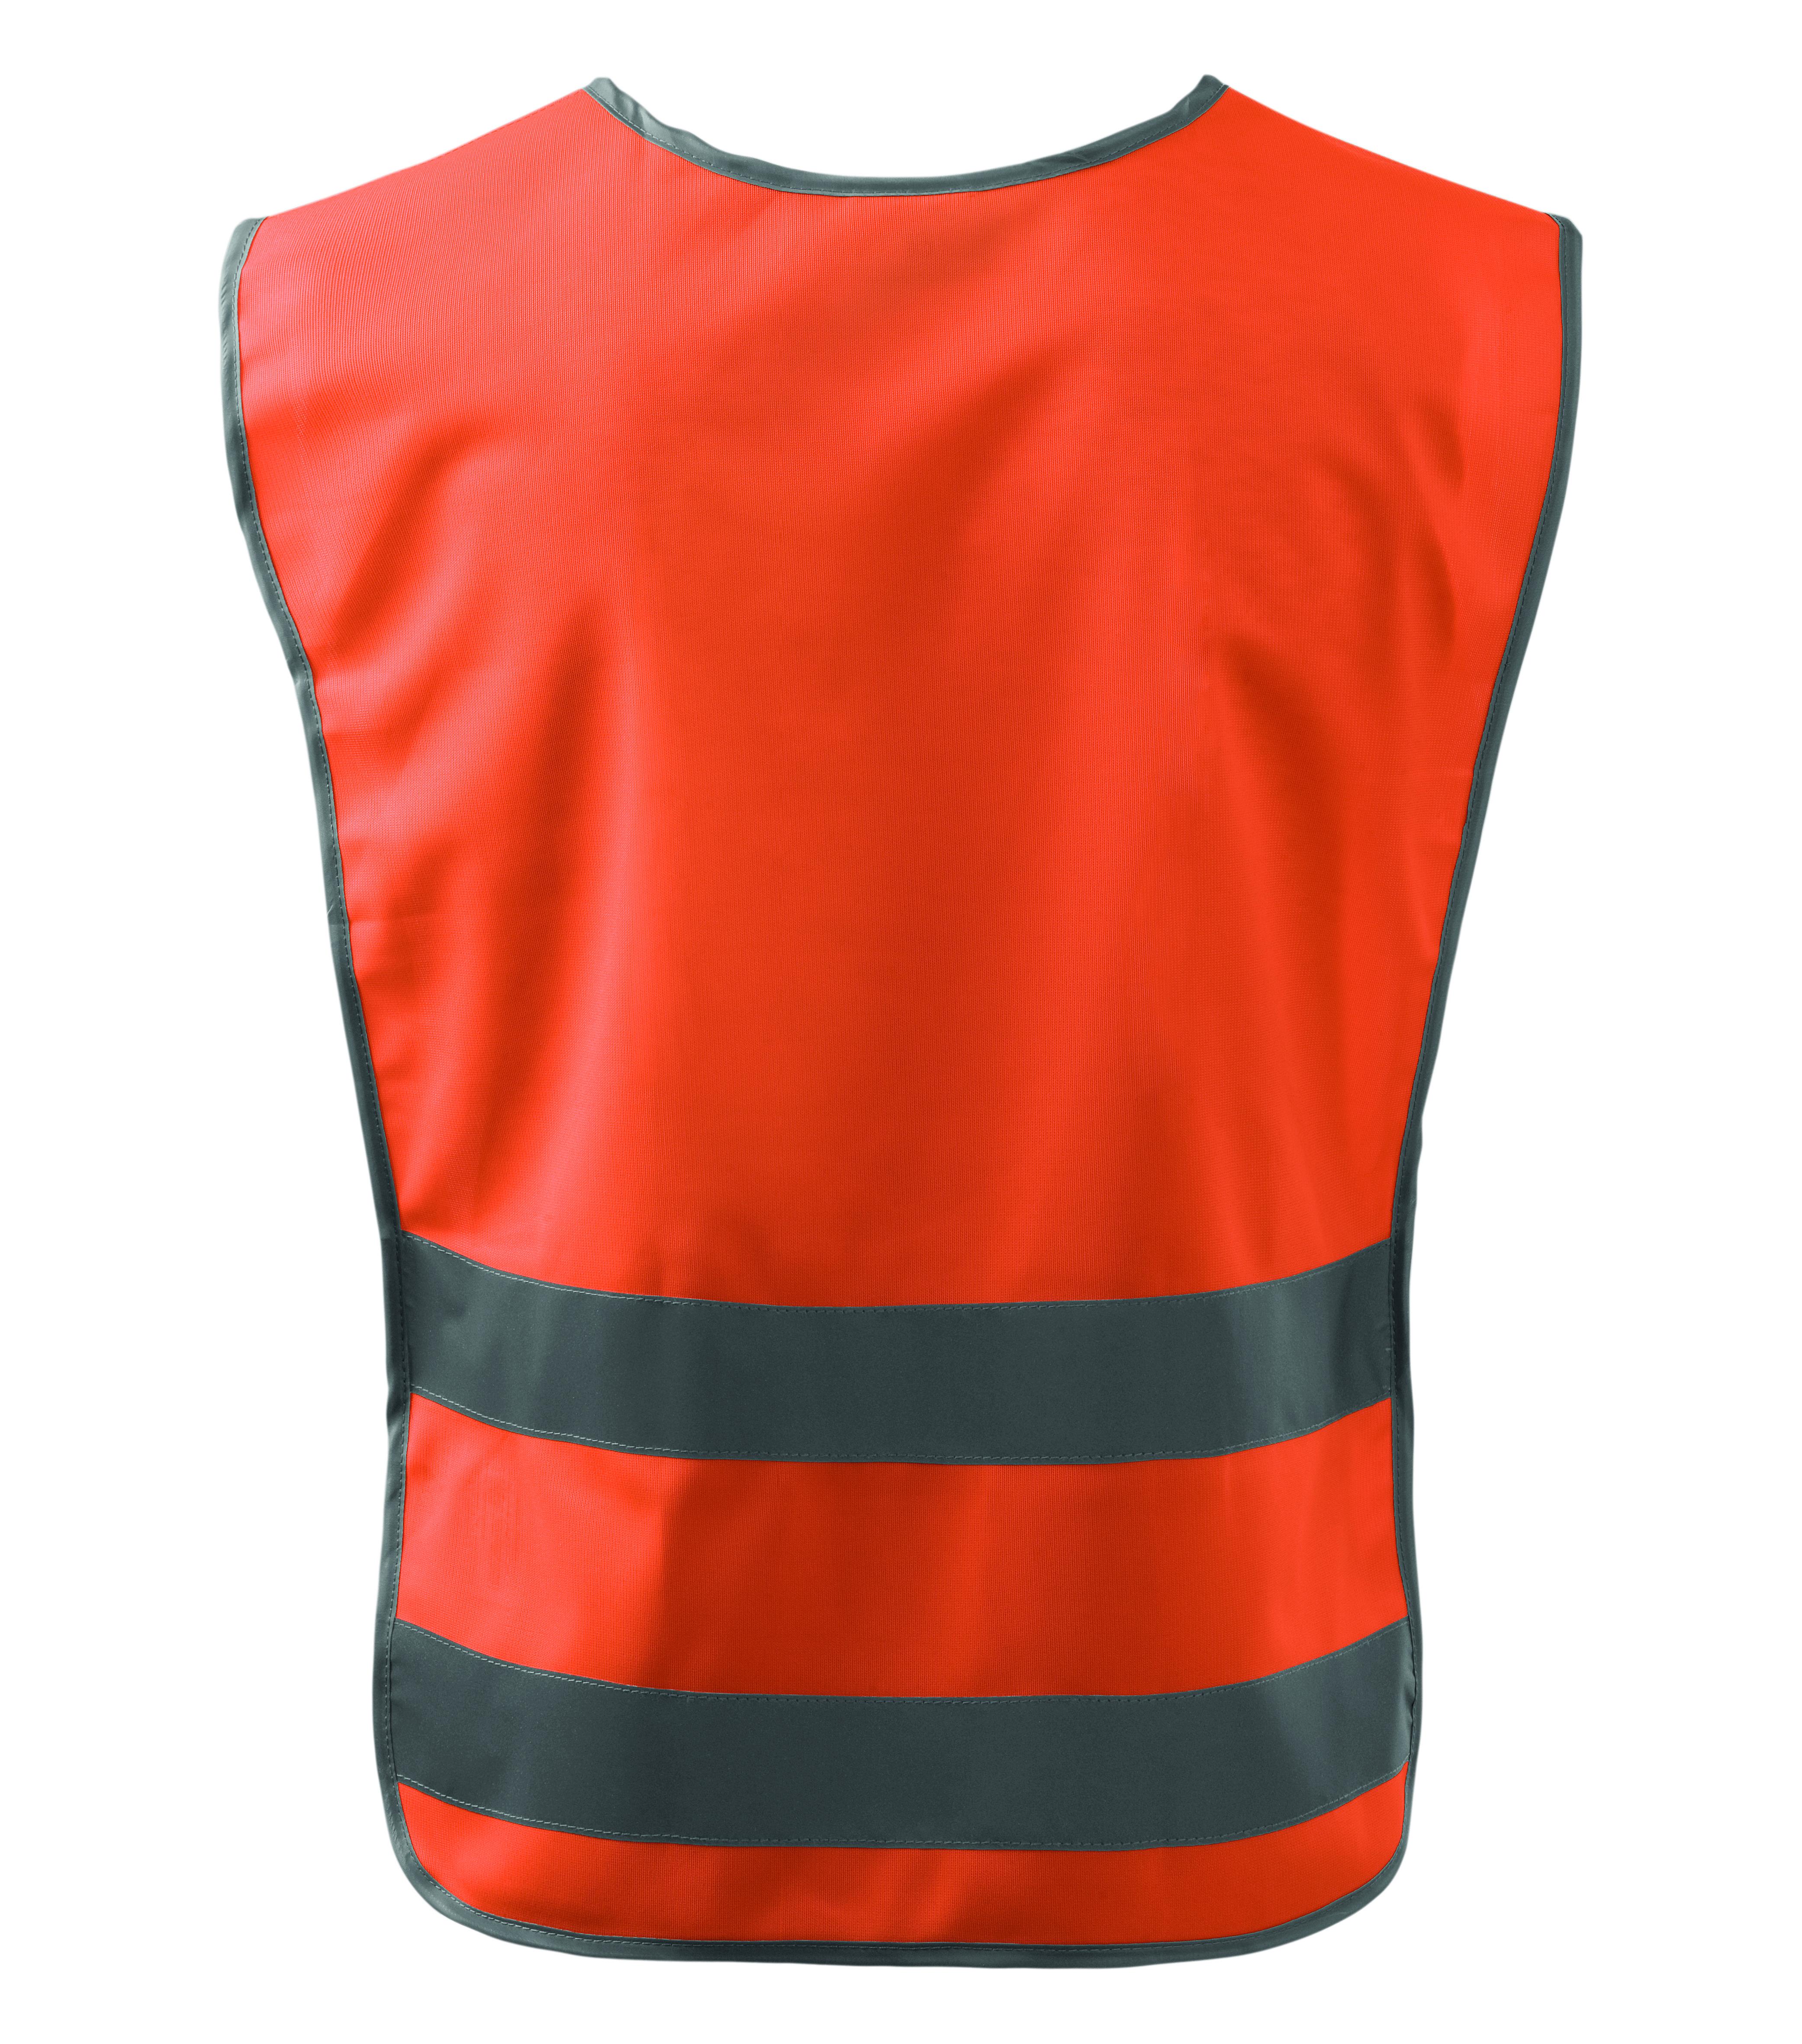 Pomarańczowa kamizelka odblaskowa Classic Safety Vest - tył